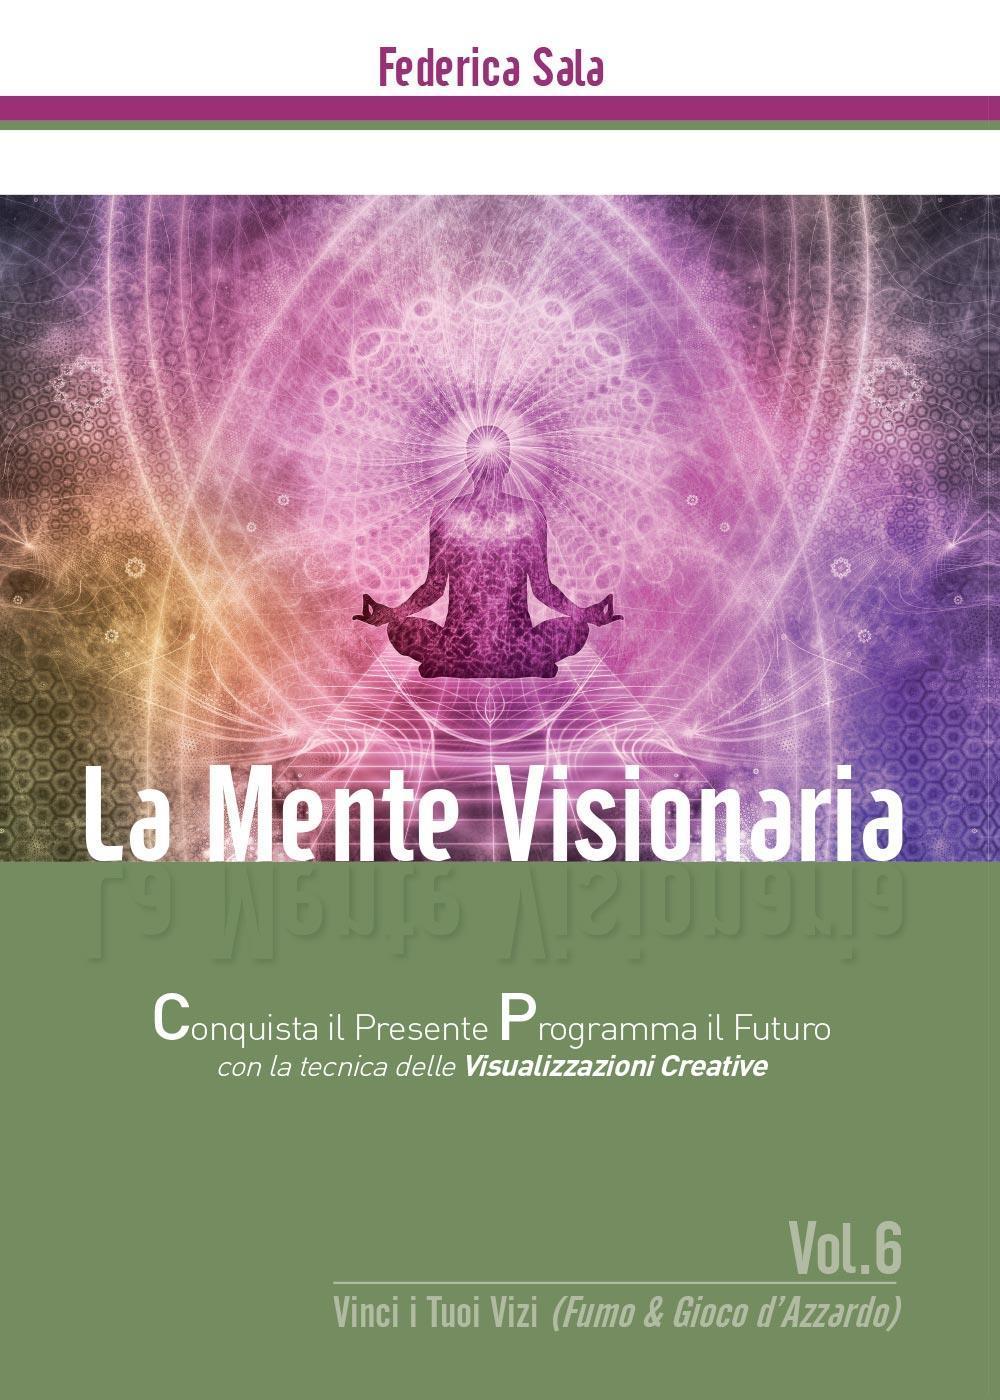 La Mente Visionaria Vol.6 Vinci i Tuoi vizi (Fumo & Gioco d'azzardo)